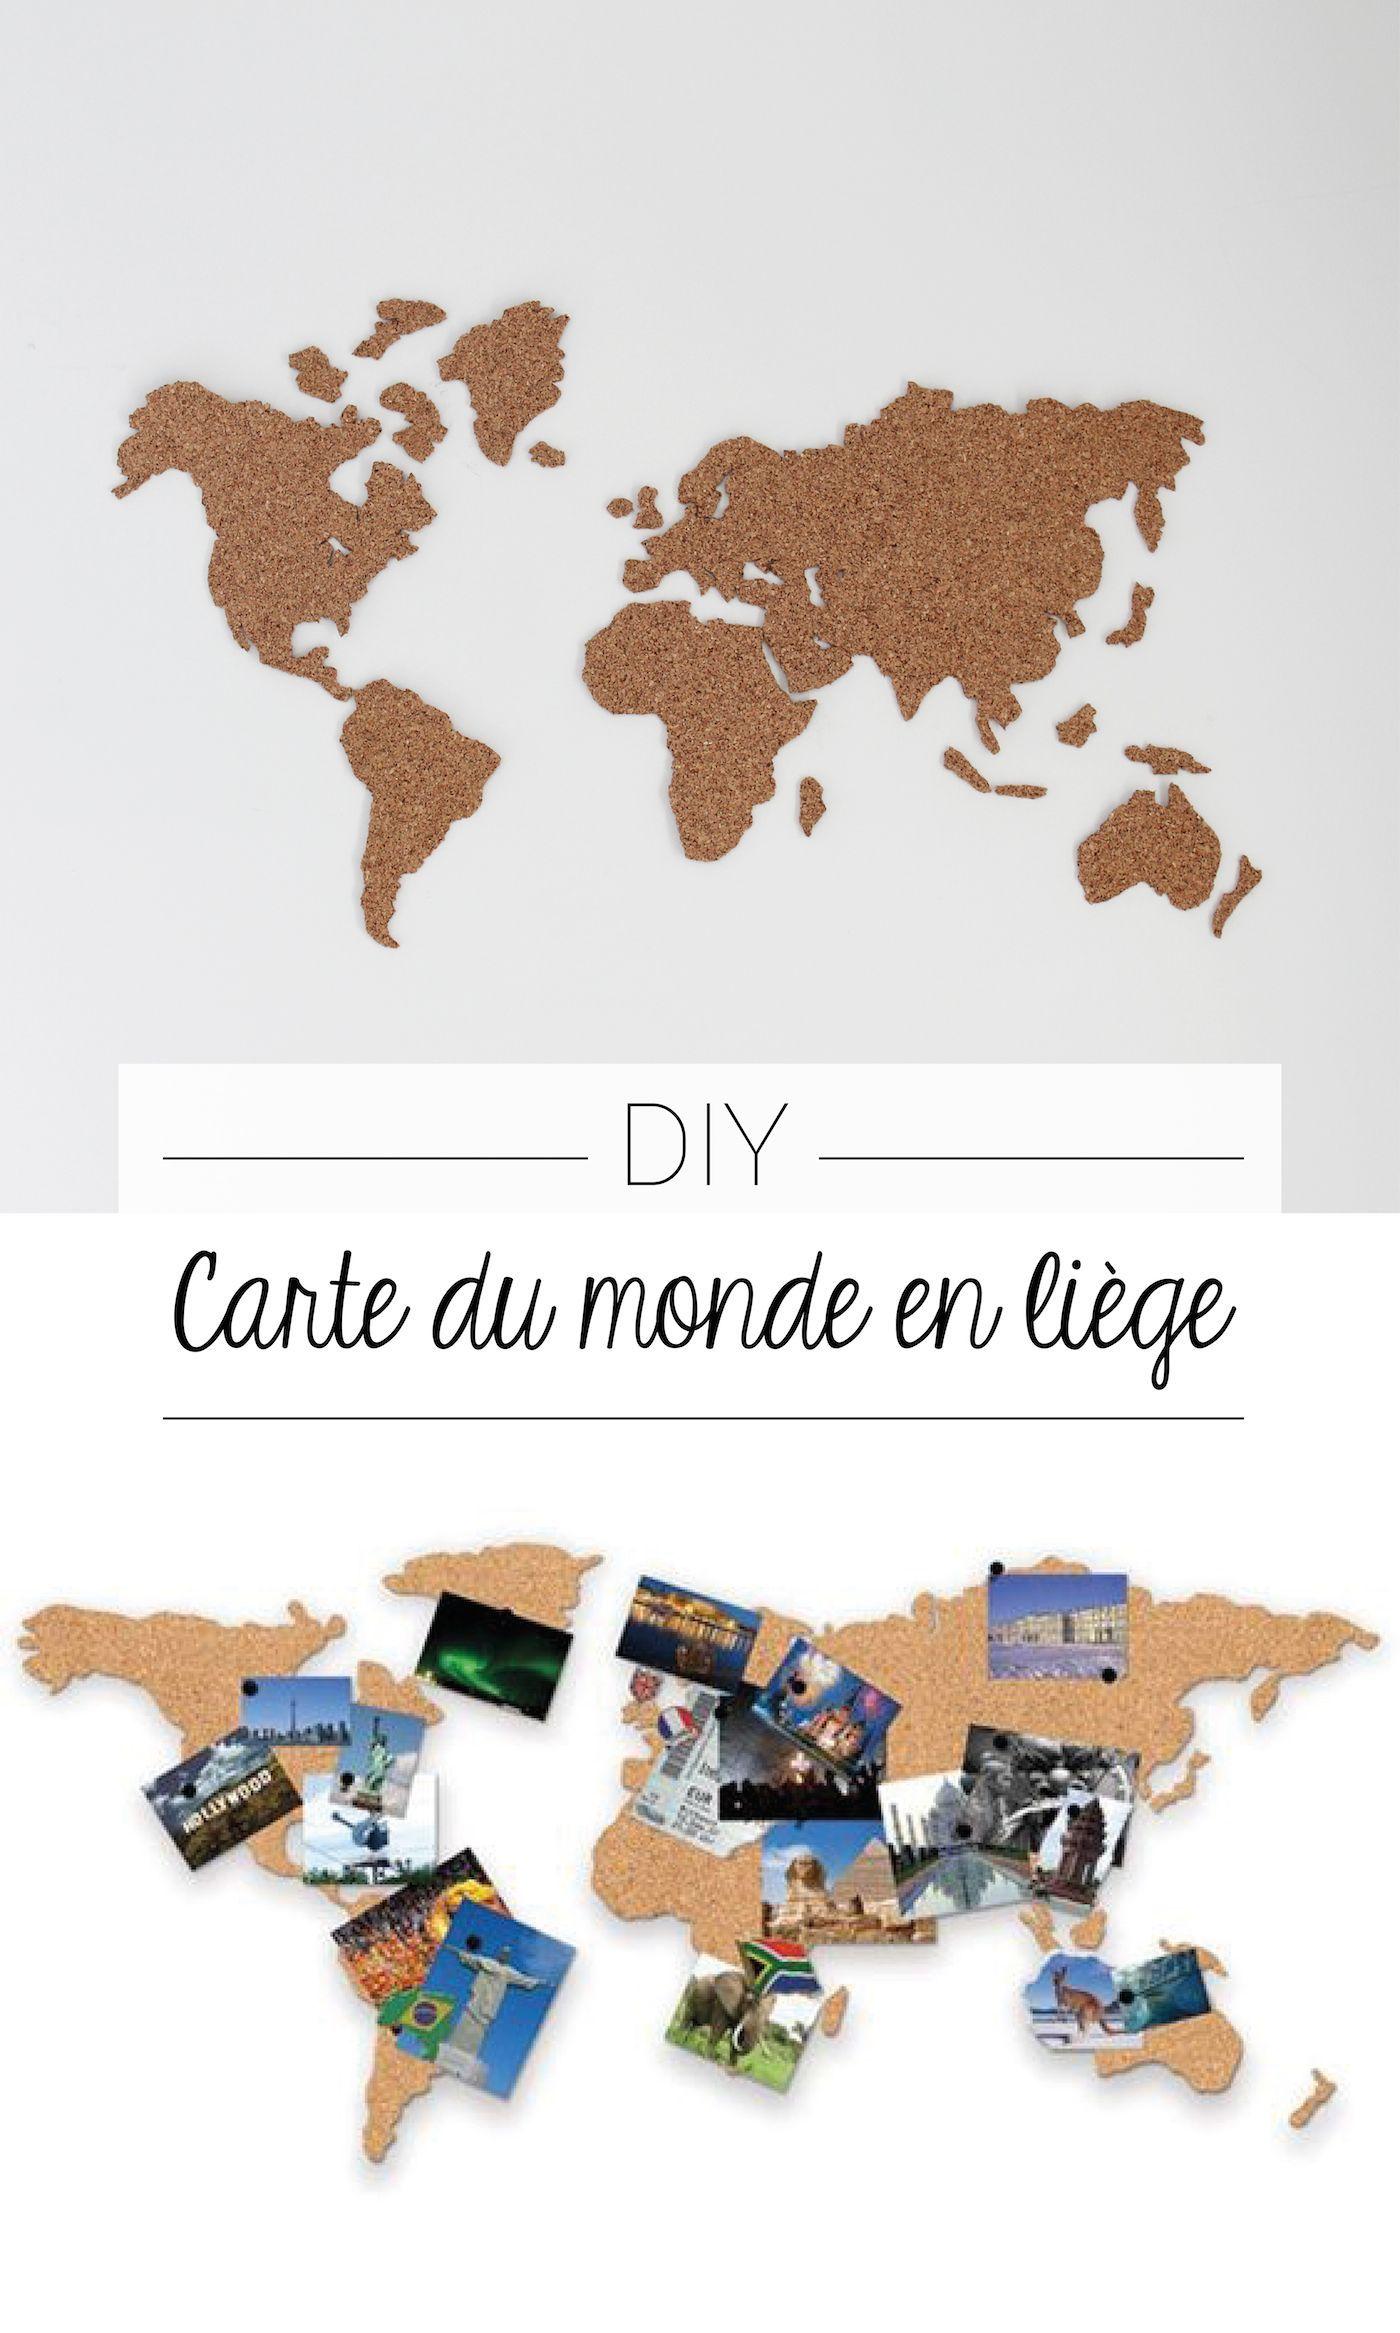 Diy Carte Du Monde En Liege Patron Gratuit Inclus Carte Du